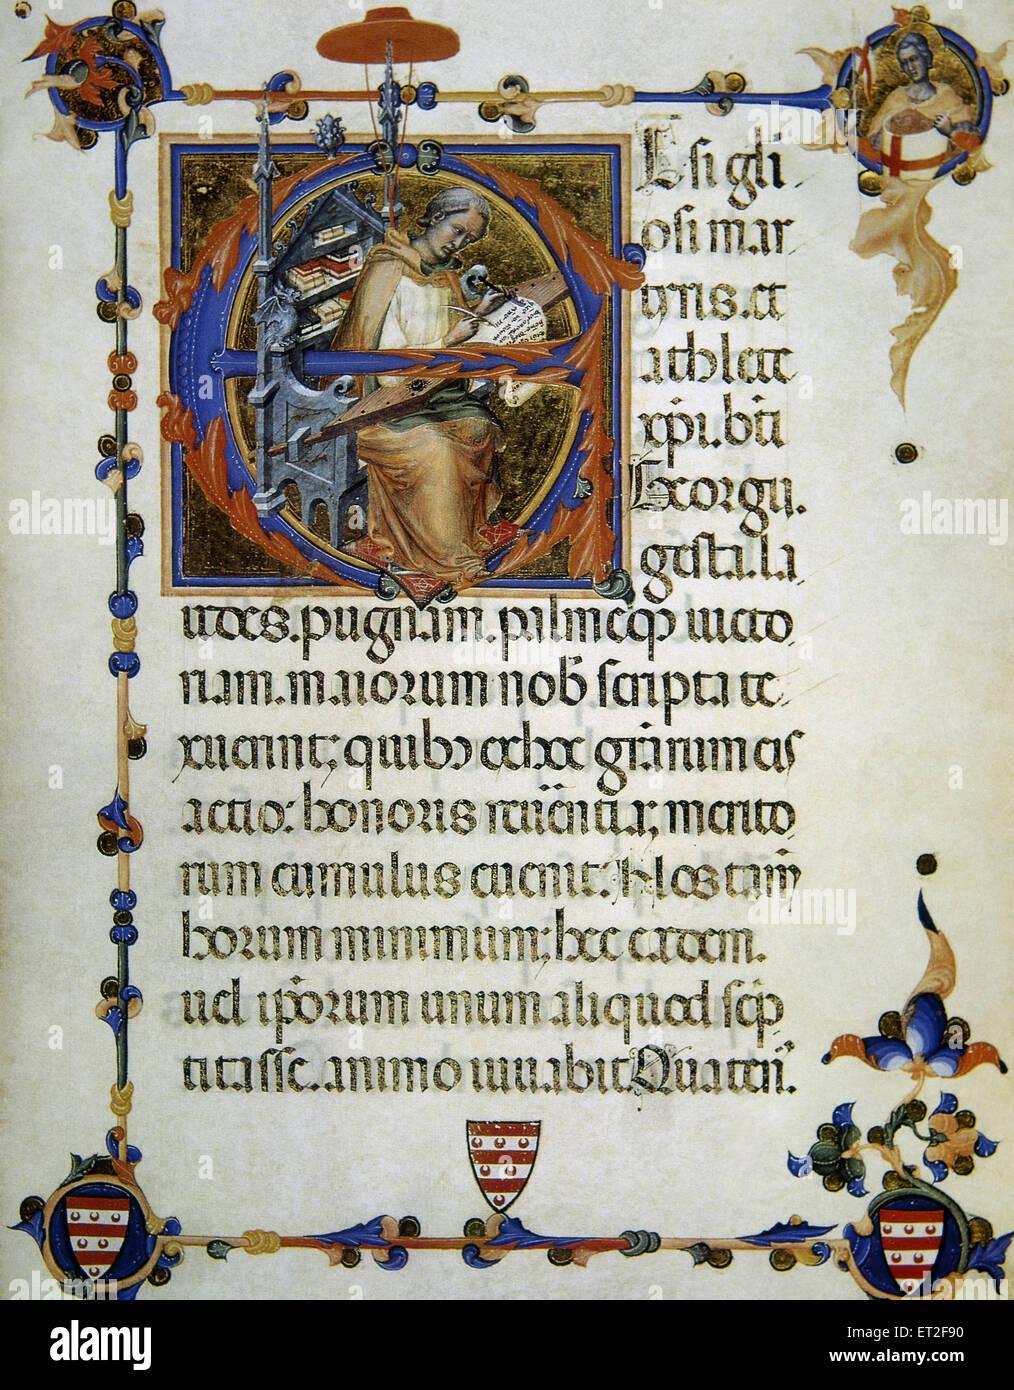 Légende et de plaisance de Saint George. Représentés comme copiste médiéval. 14e siècle. Photo Stock